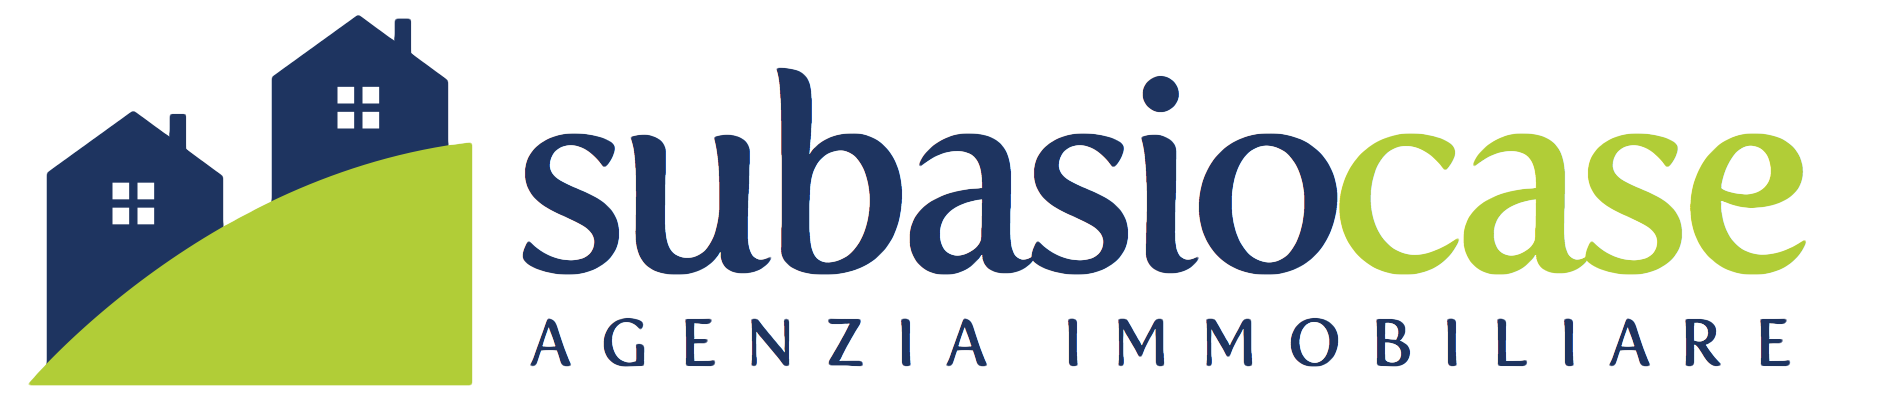 Subasio Case Agenzia Immobiliare a Spello (PG)